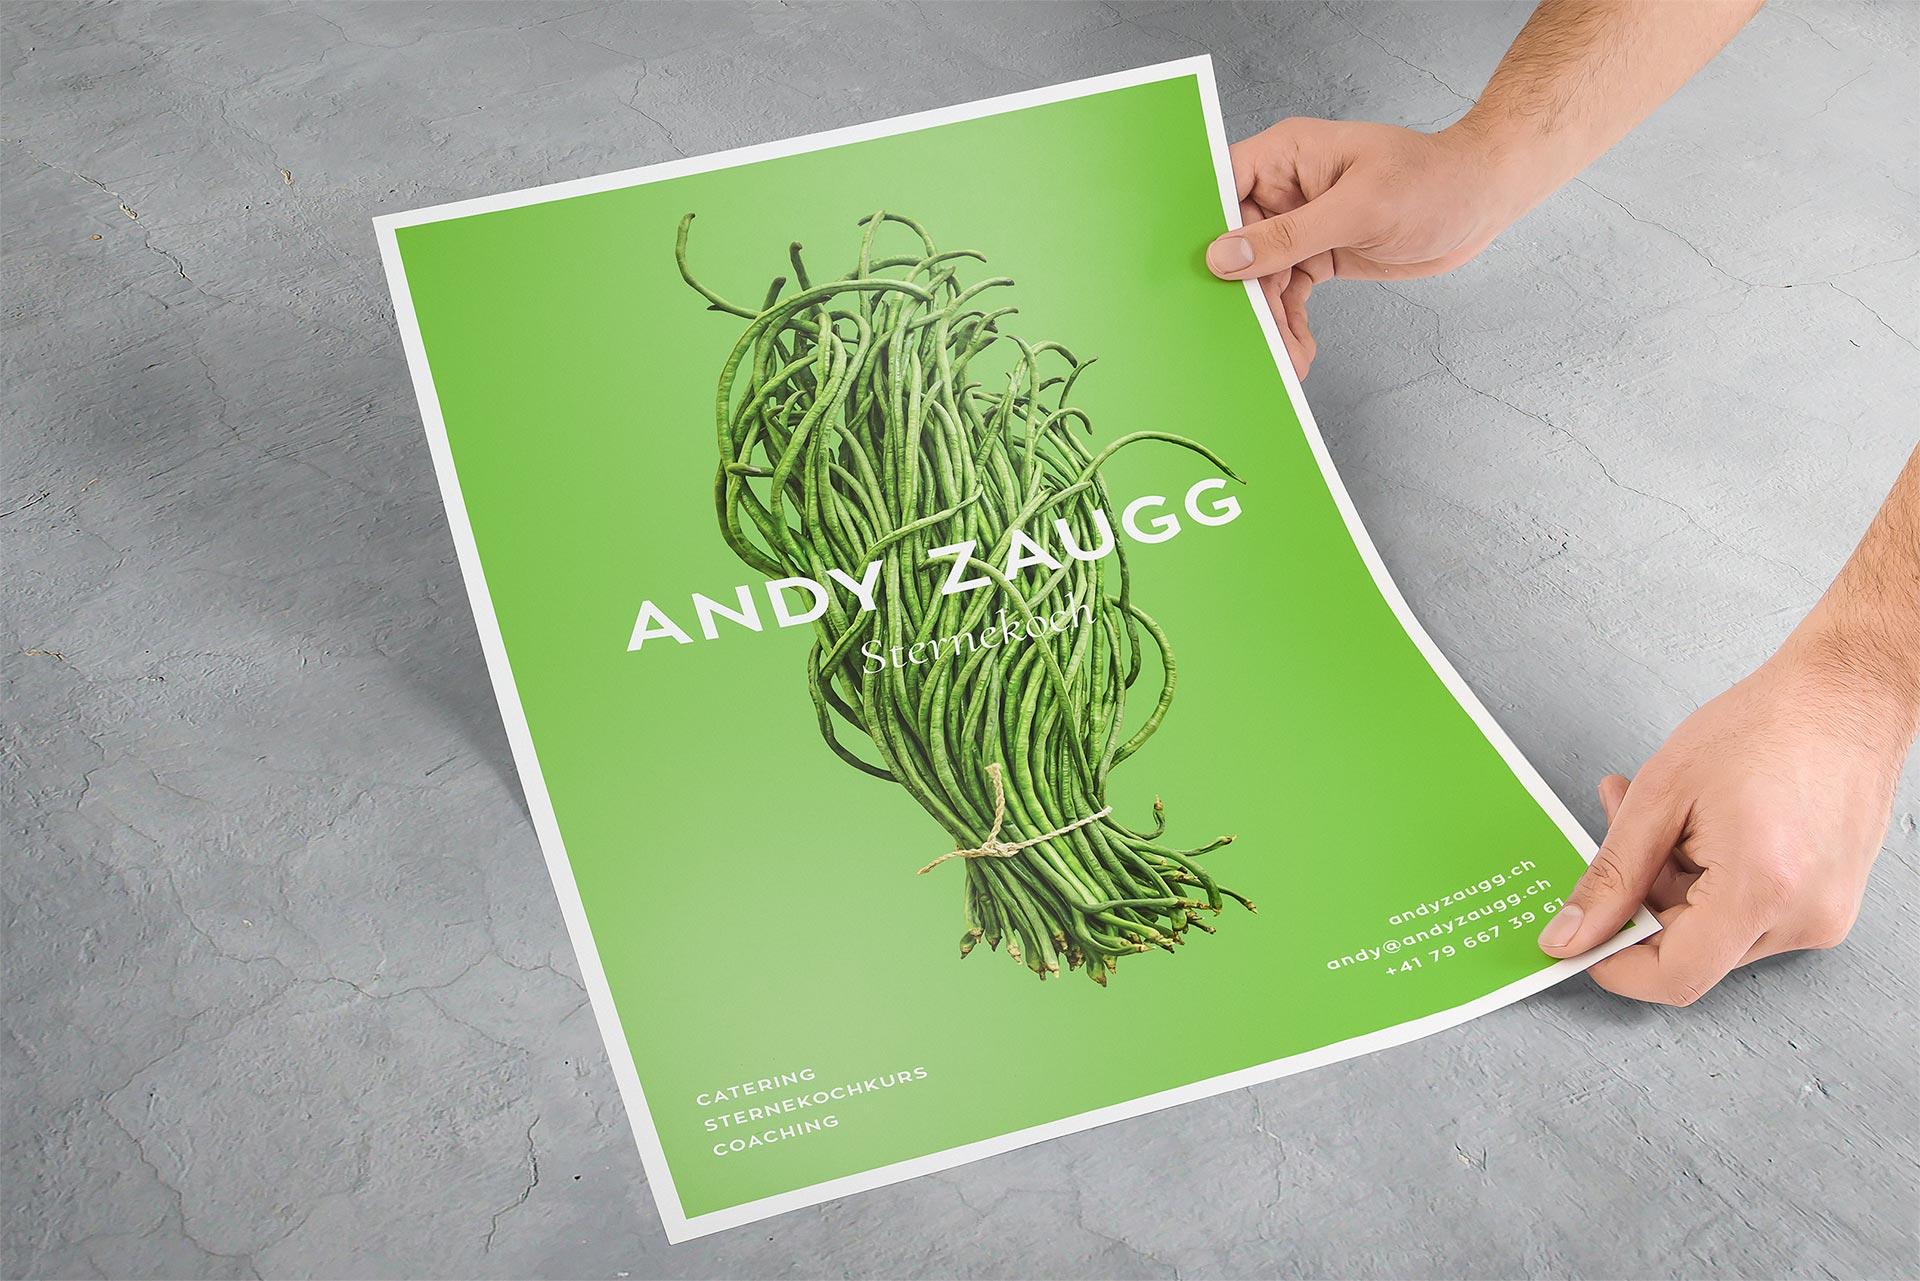 andy-zaugg-02